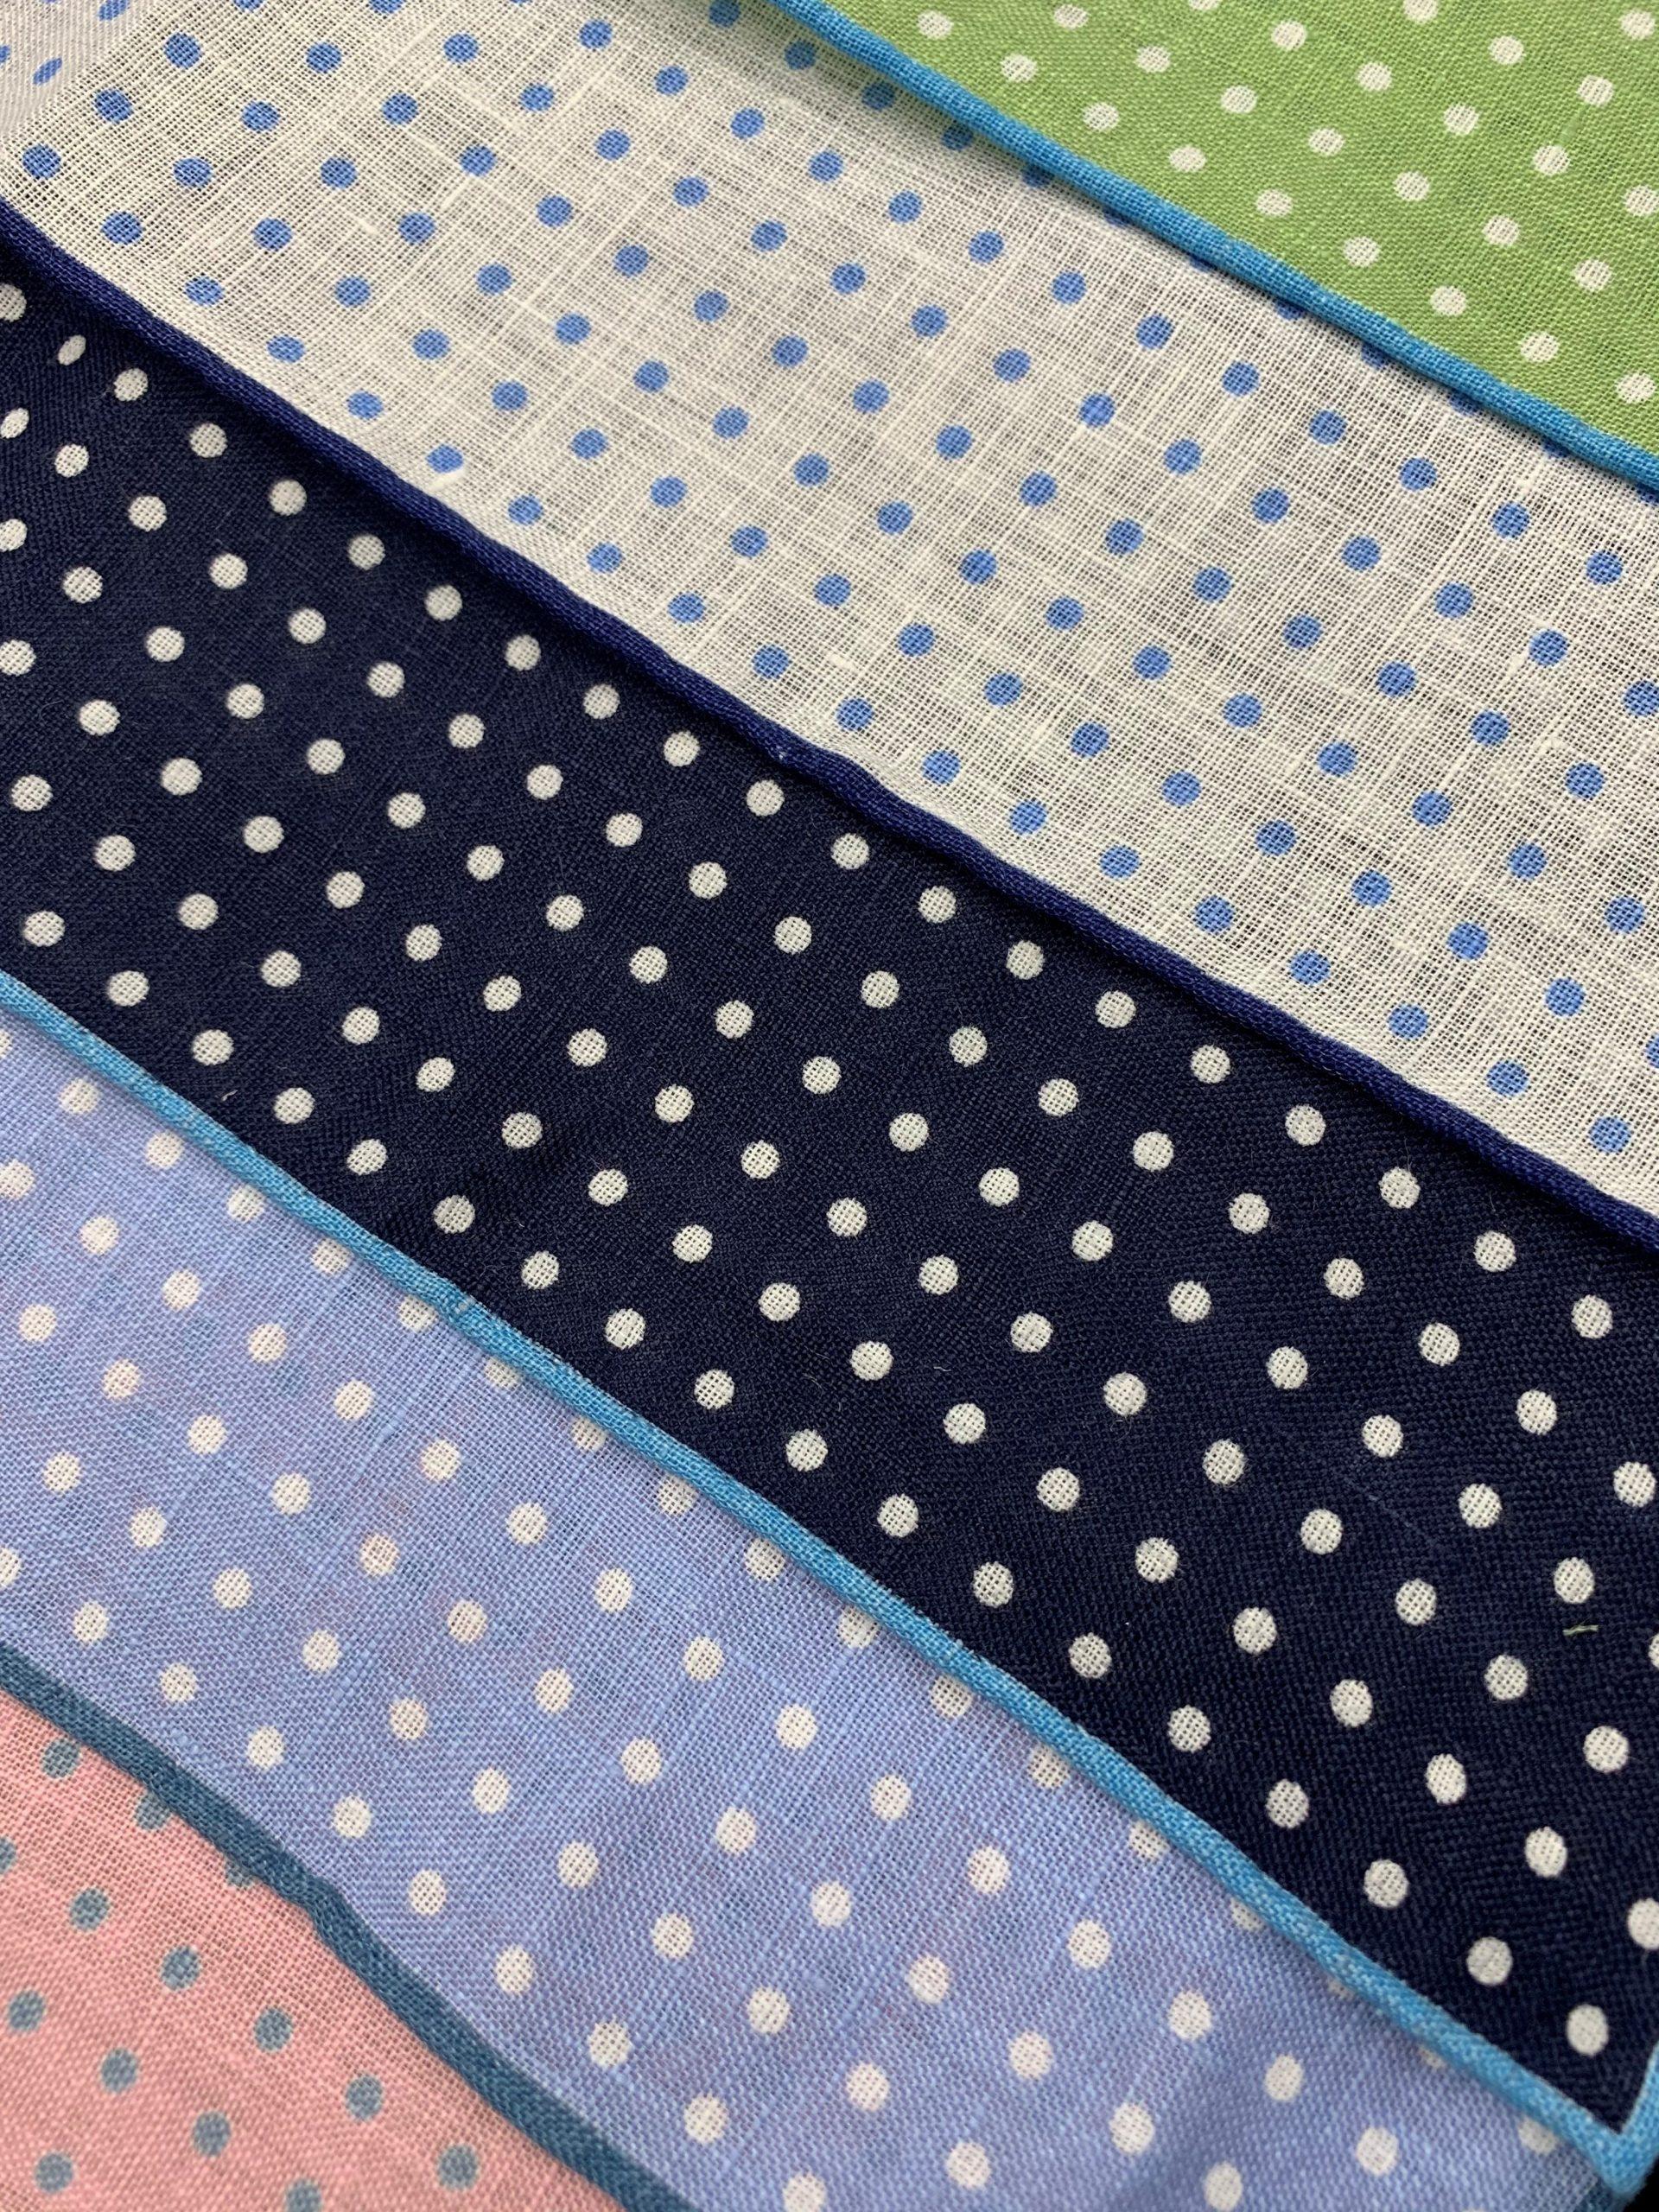 Printed Irish Linen